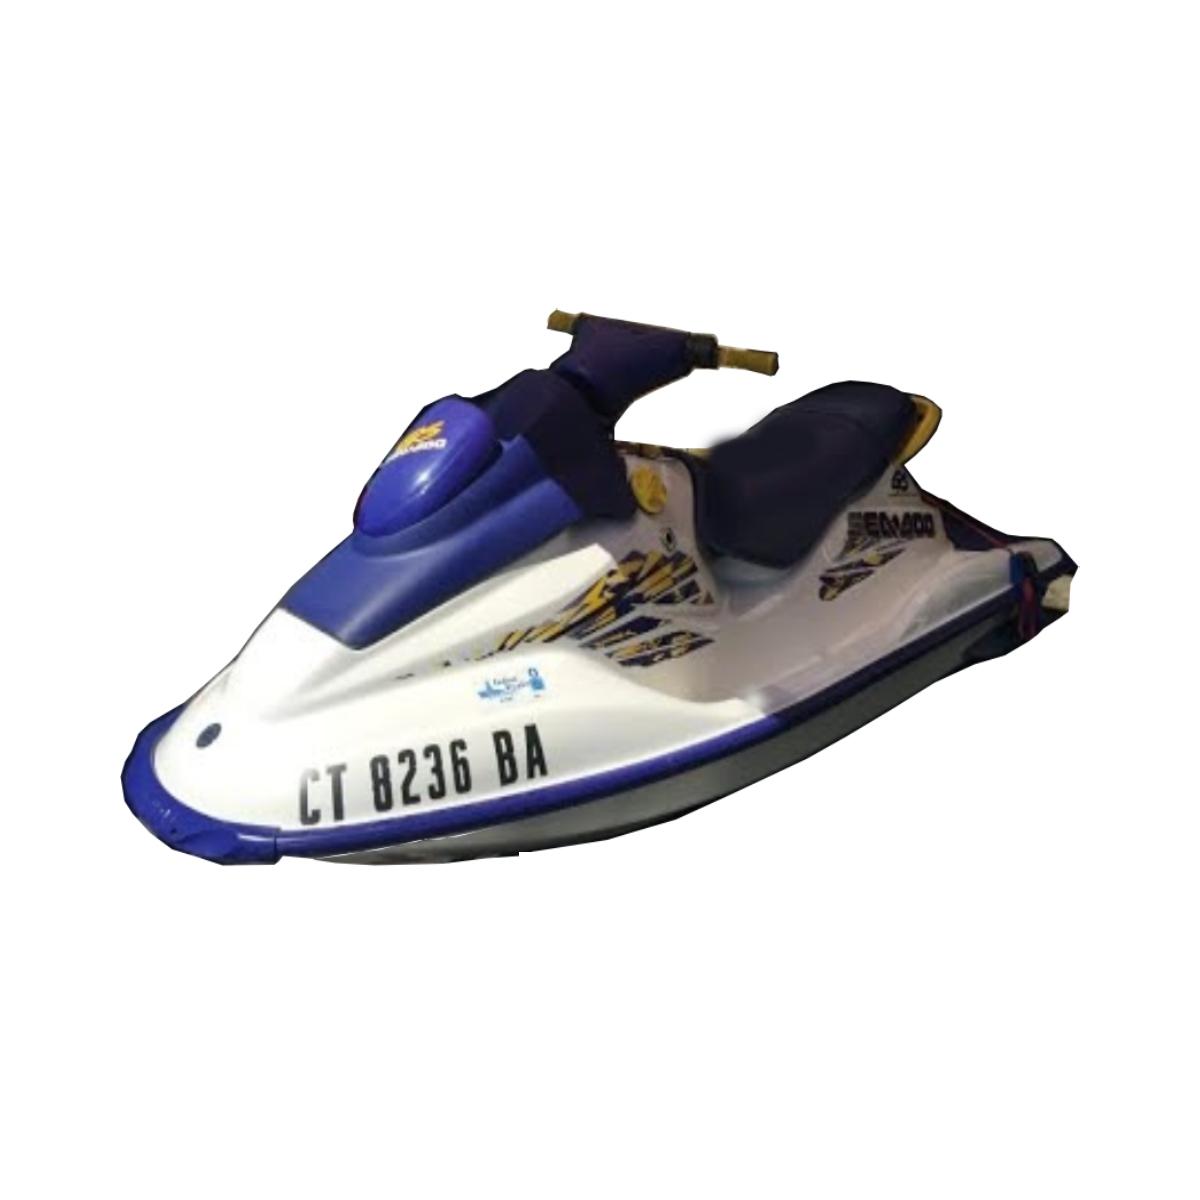 KIT ADESIVO PARA JET SKI SEA DOO GS 1998 Azul  - Radical Peças - Peças para Jet Ski